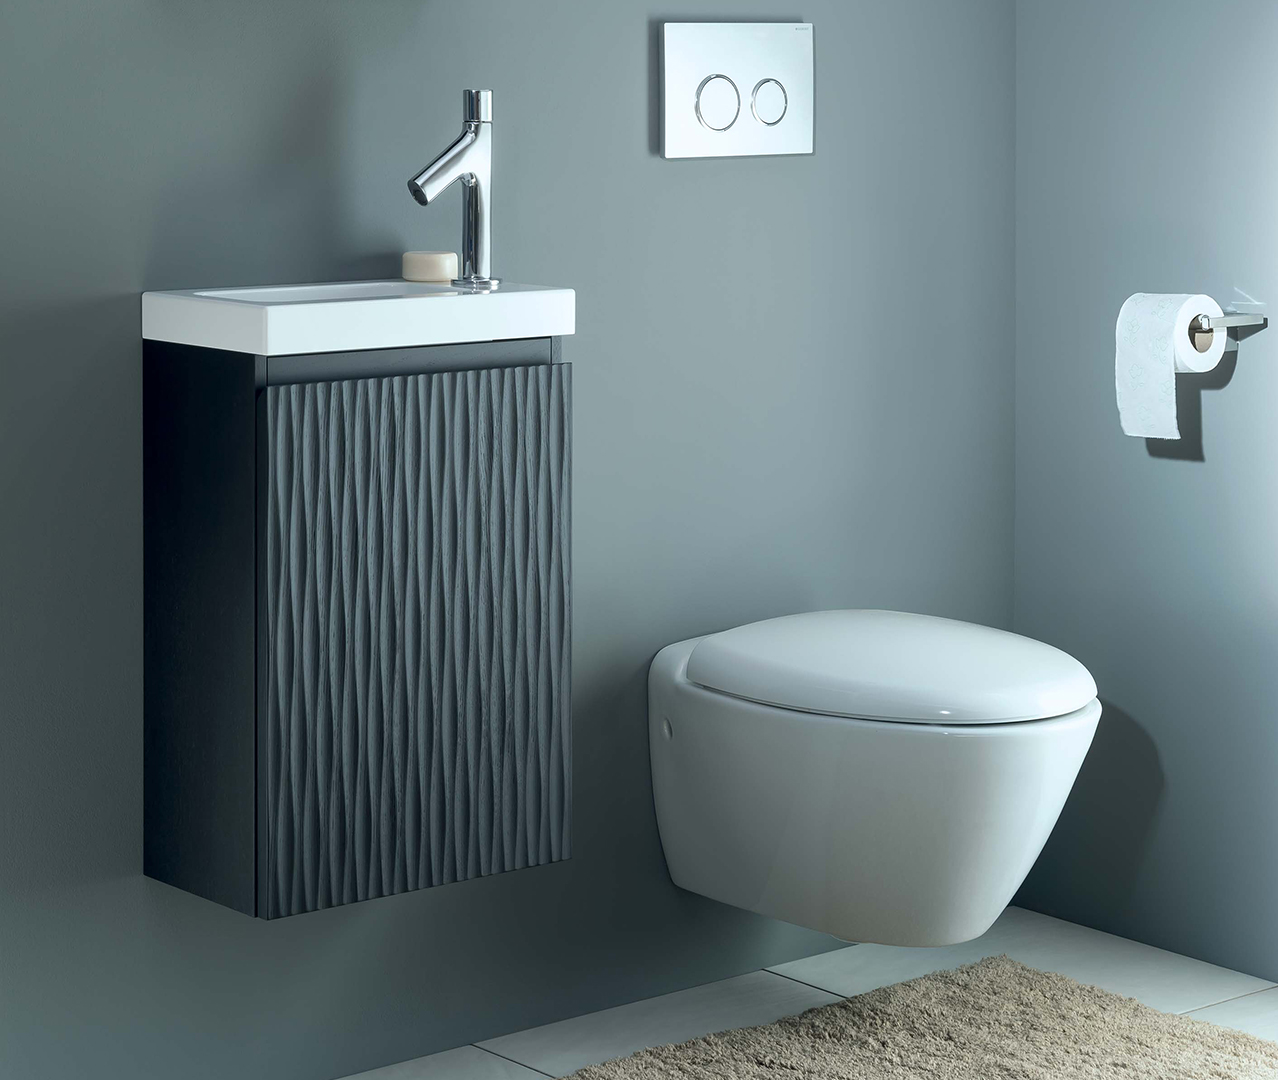 Gamme pop petit meuble de salle de bain sanijura for Dans un miroir obscur